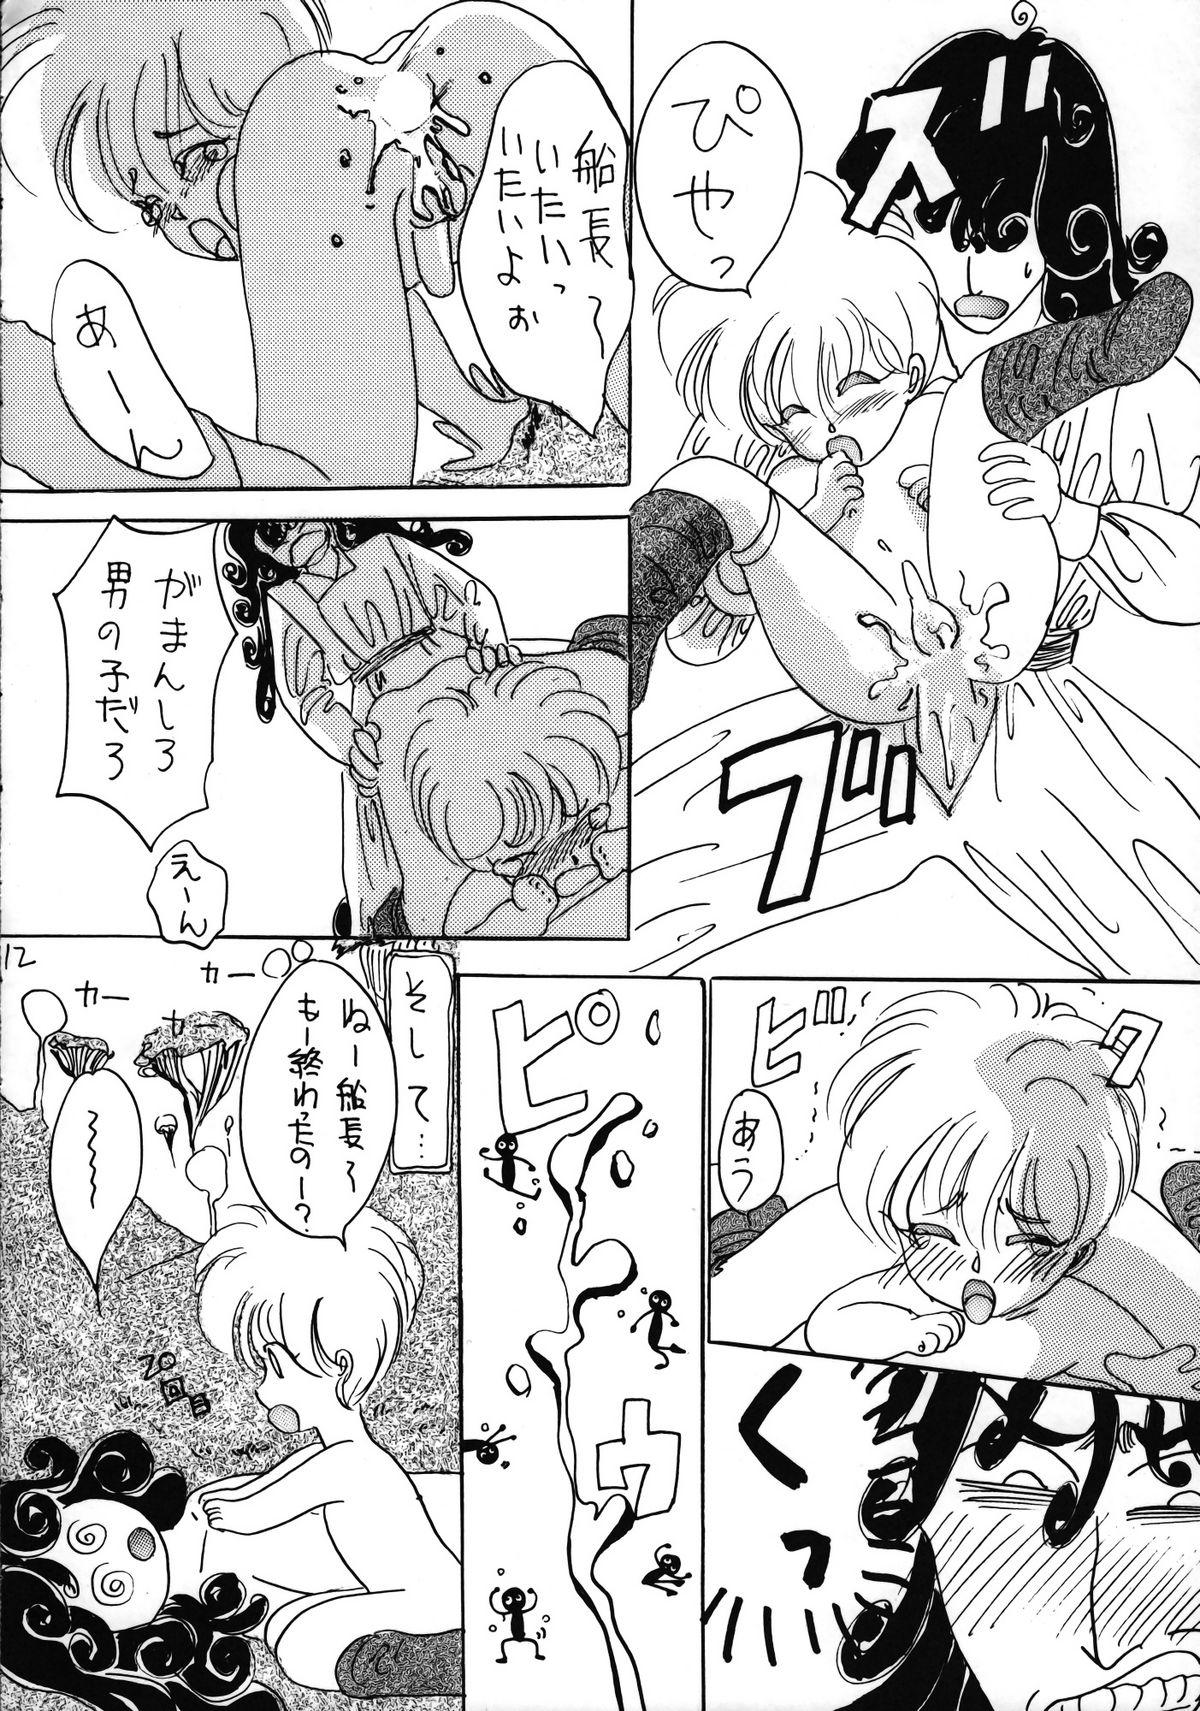 Ikenai! Otokonoko Hon Boy's H Book 2 12